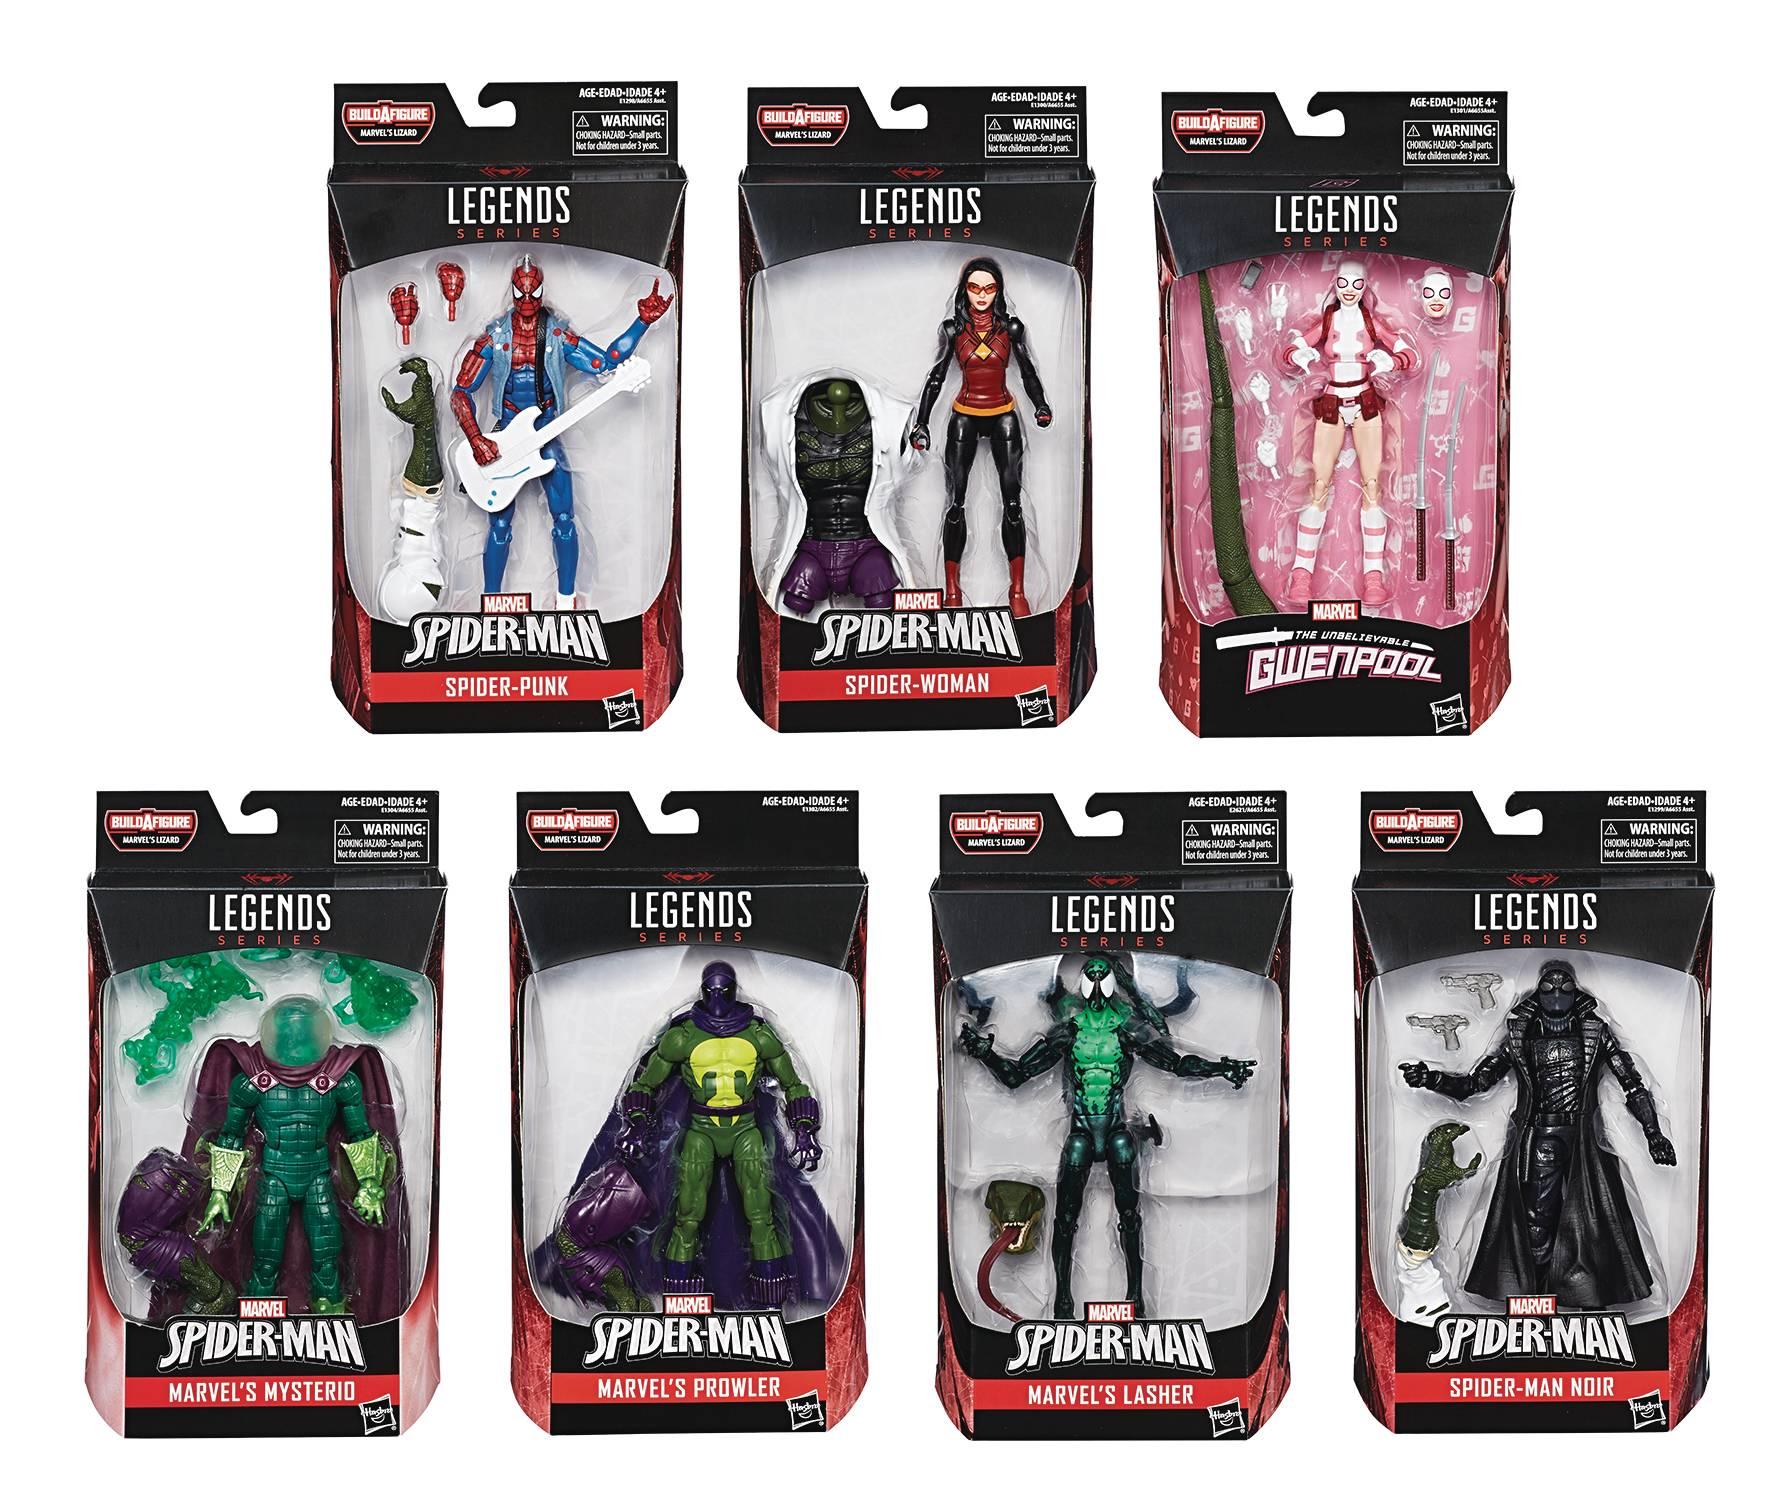 Spider-Man Legends Assortment